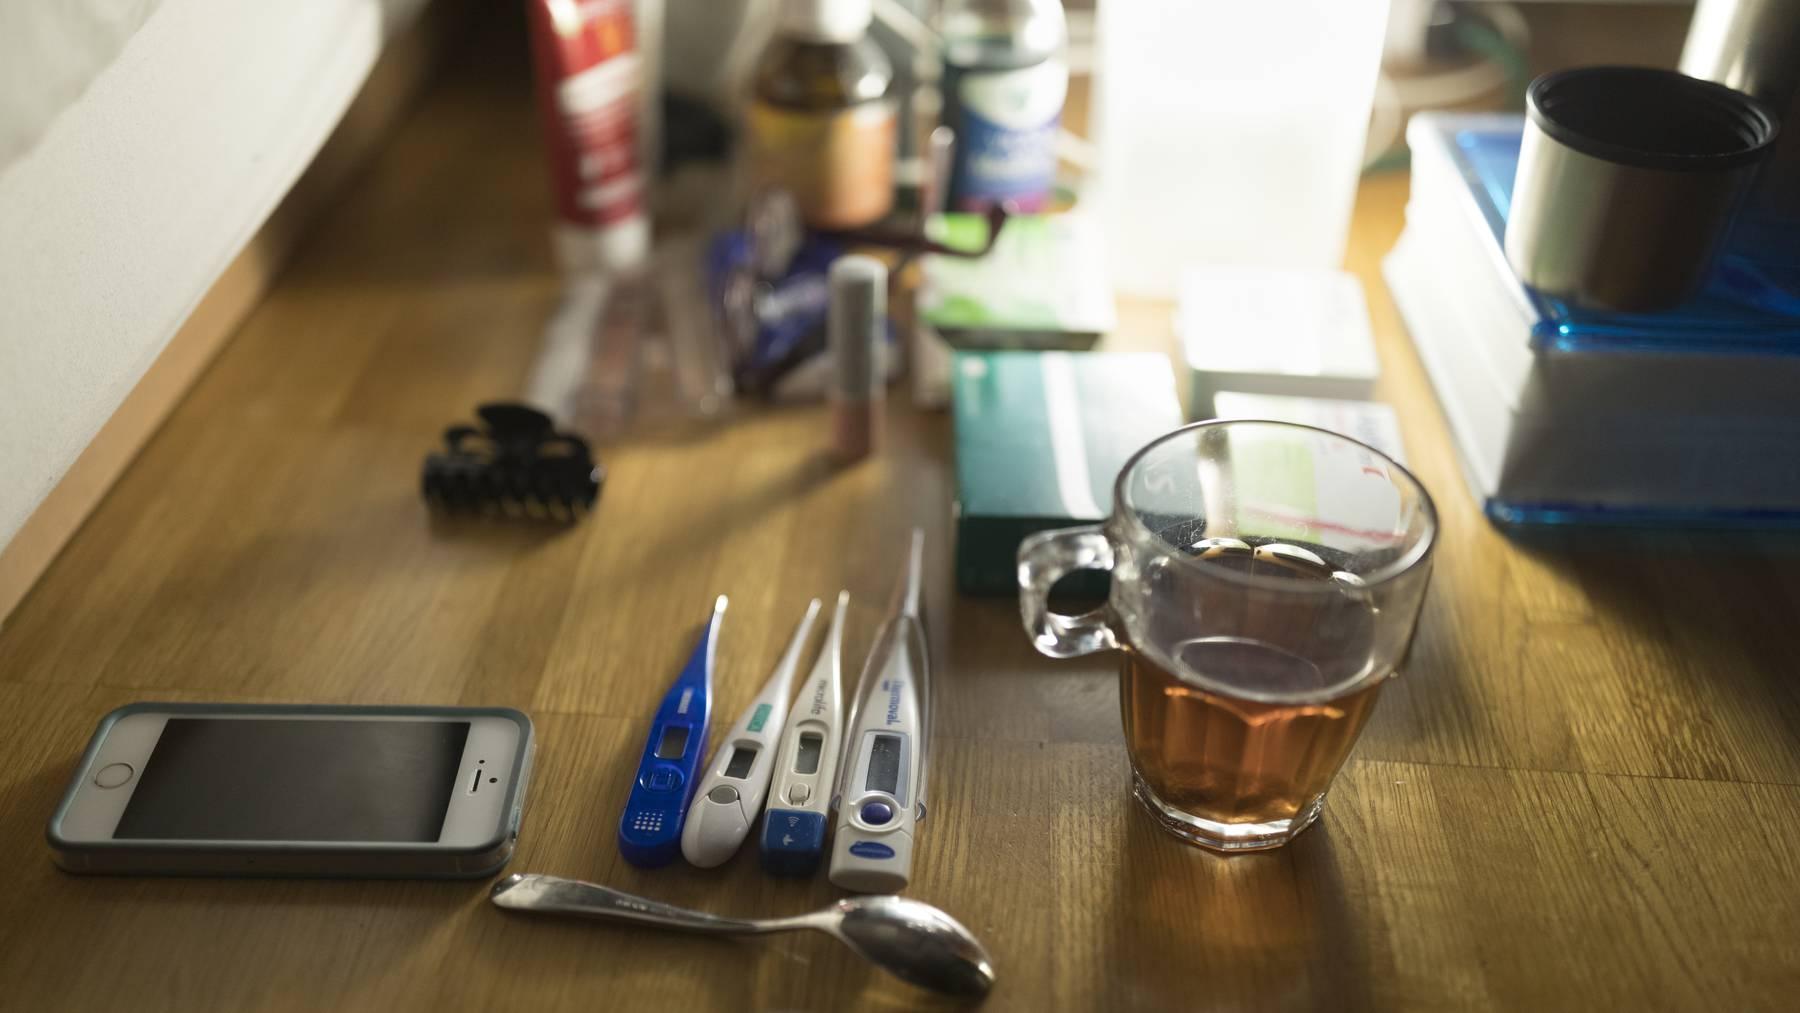 Verschiedene Medikamente gegen Grippe und Husten, sowie Tee und Thermometer stehen neben einem Bett in Zuerich, aufgenommen am 28. November 2016.